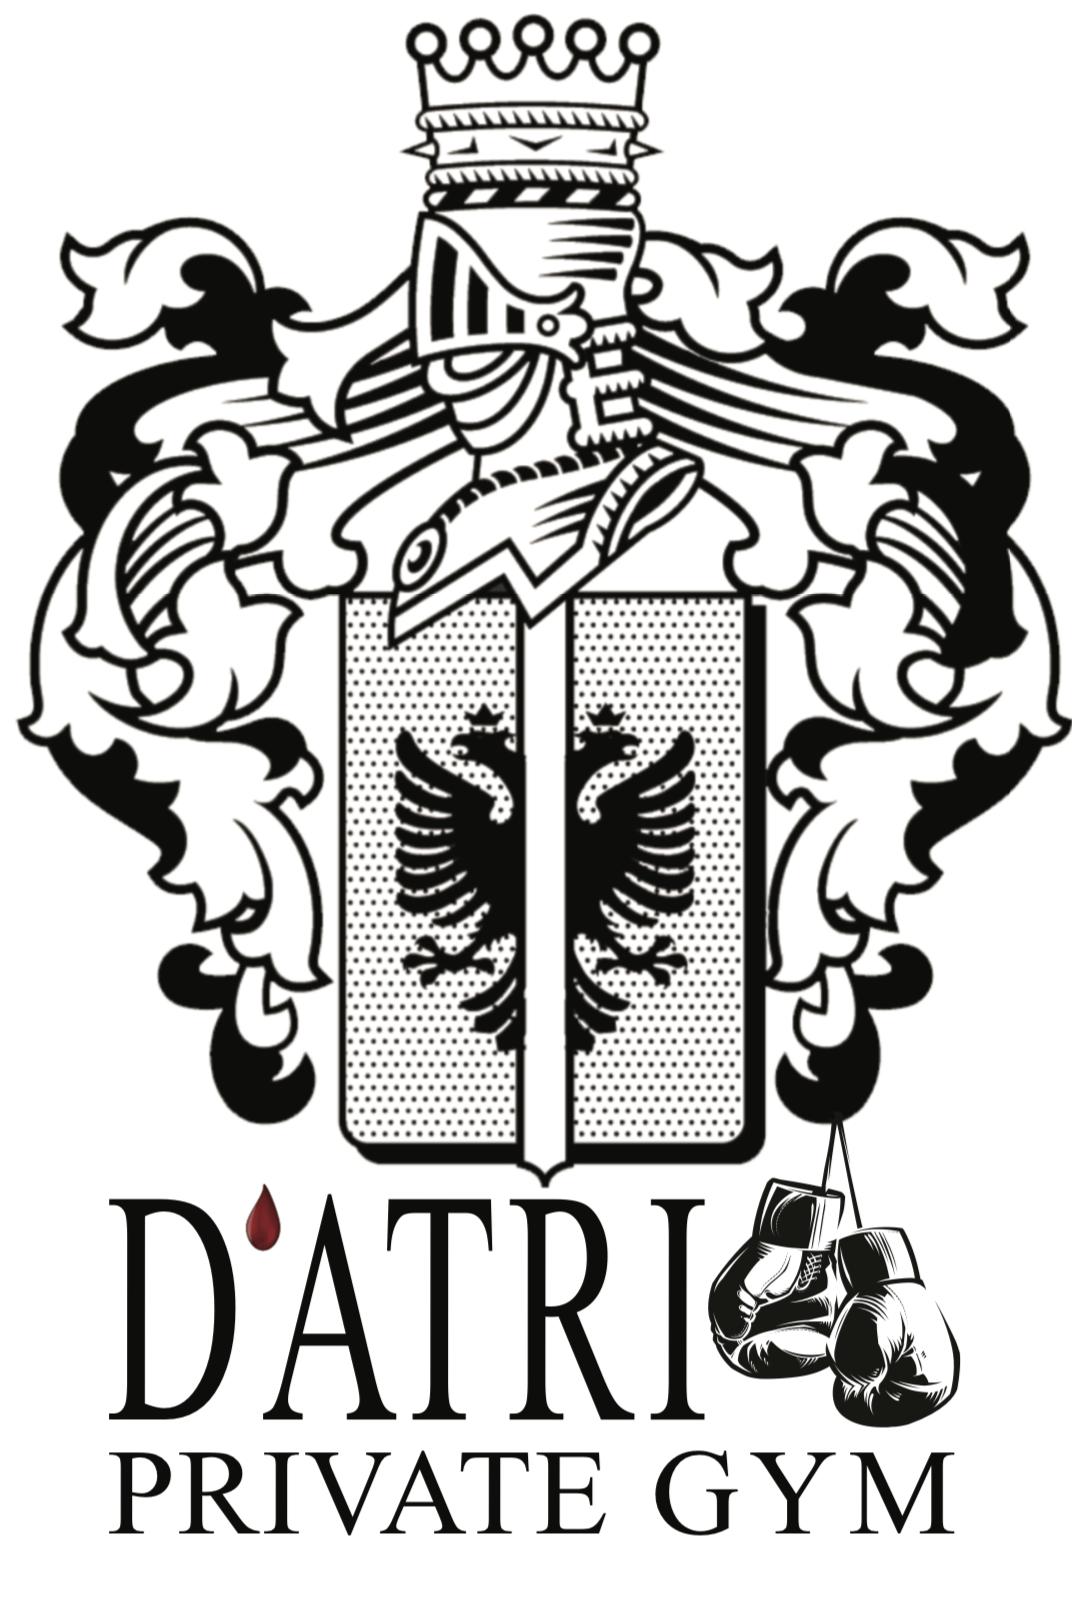 Datri Privat Gym Sportverein Adaptiert